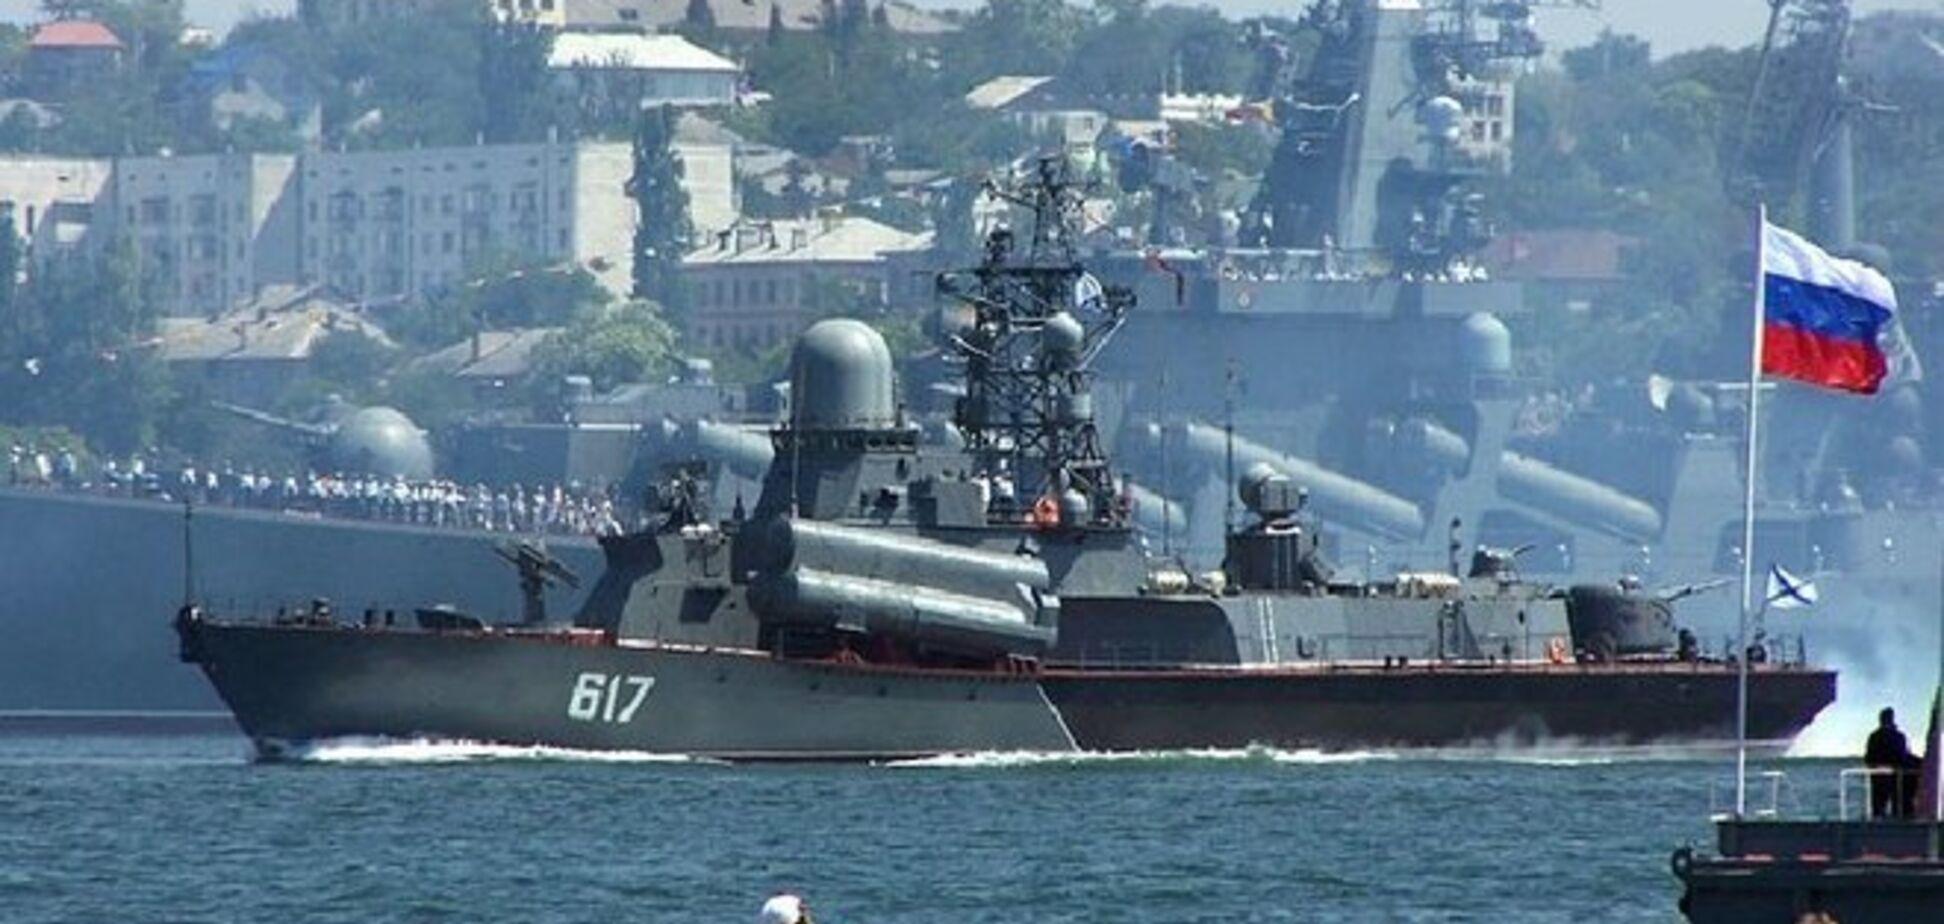 Оккупанты задерживают корабли ВМС Украины в Крыму из-за долга - ИС